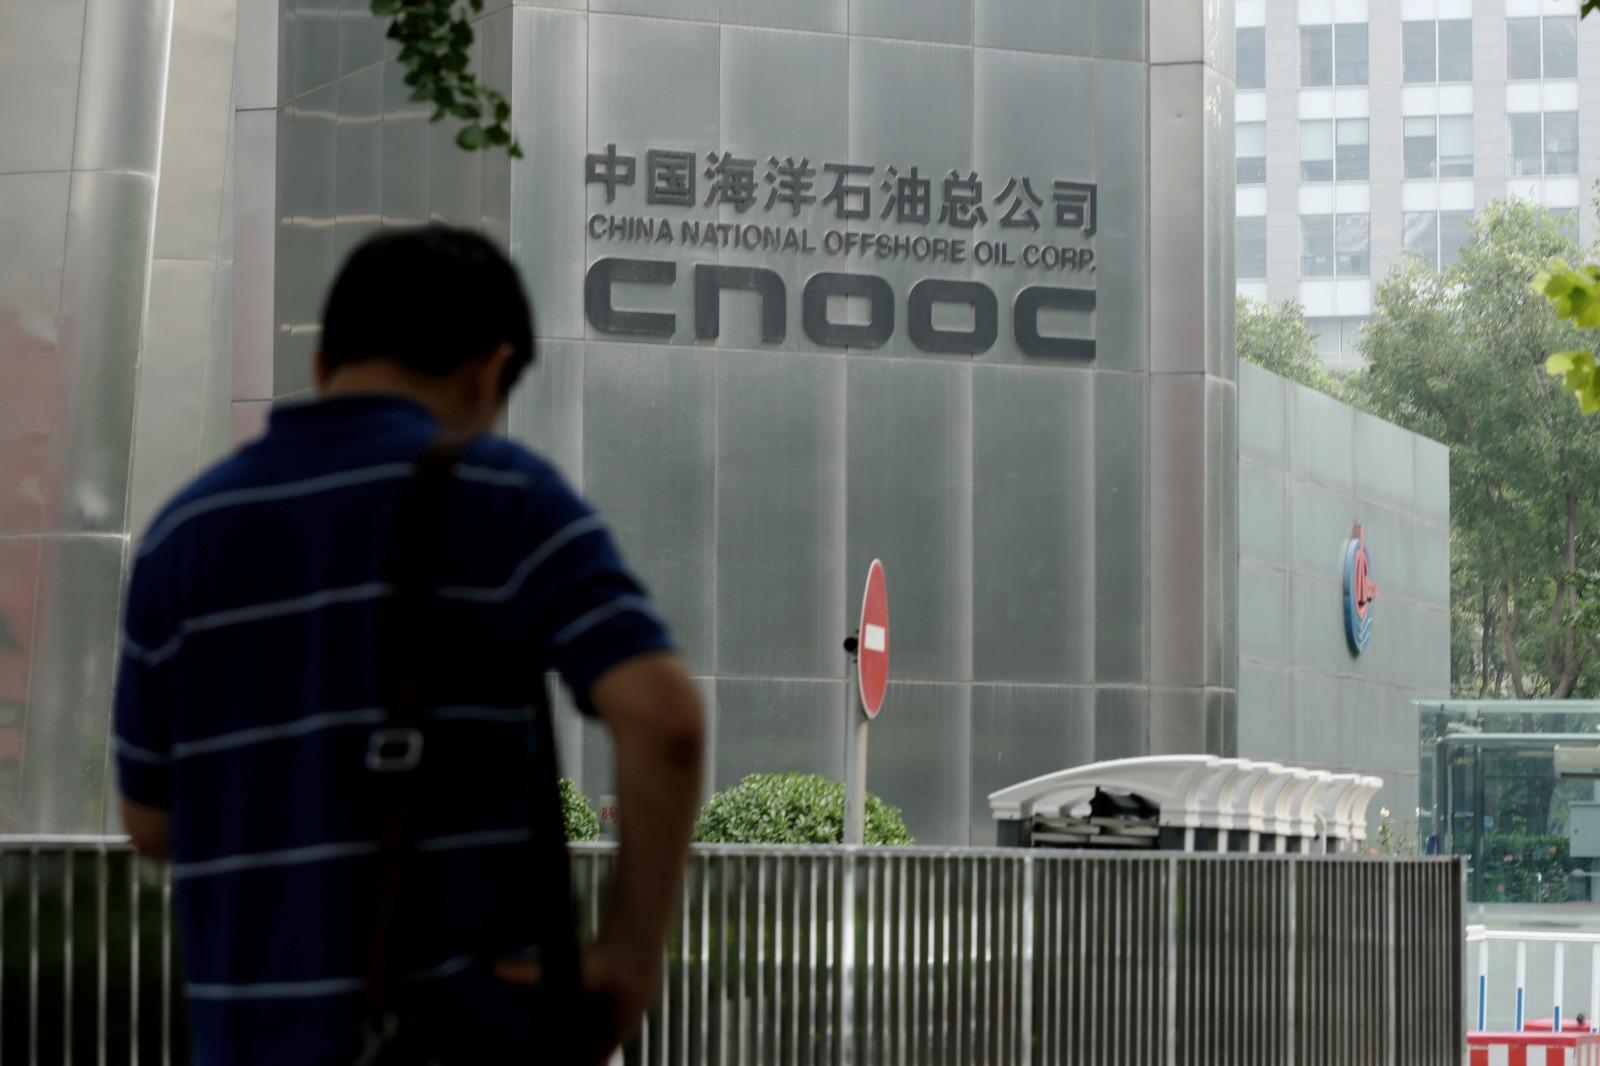 中海油股價大跌14%,市場有消息指它將被美國列入制裁黑名單。(STR/AFP via Getty Images)